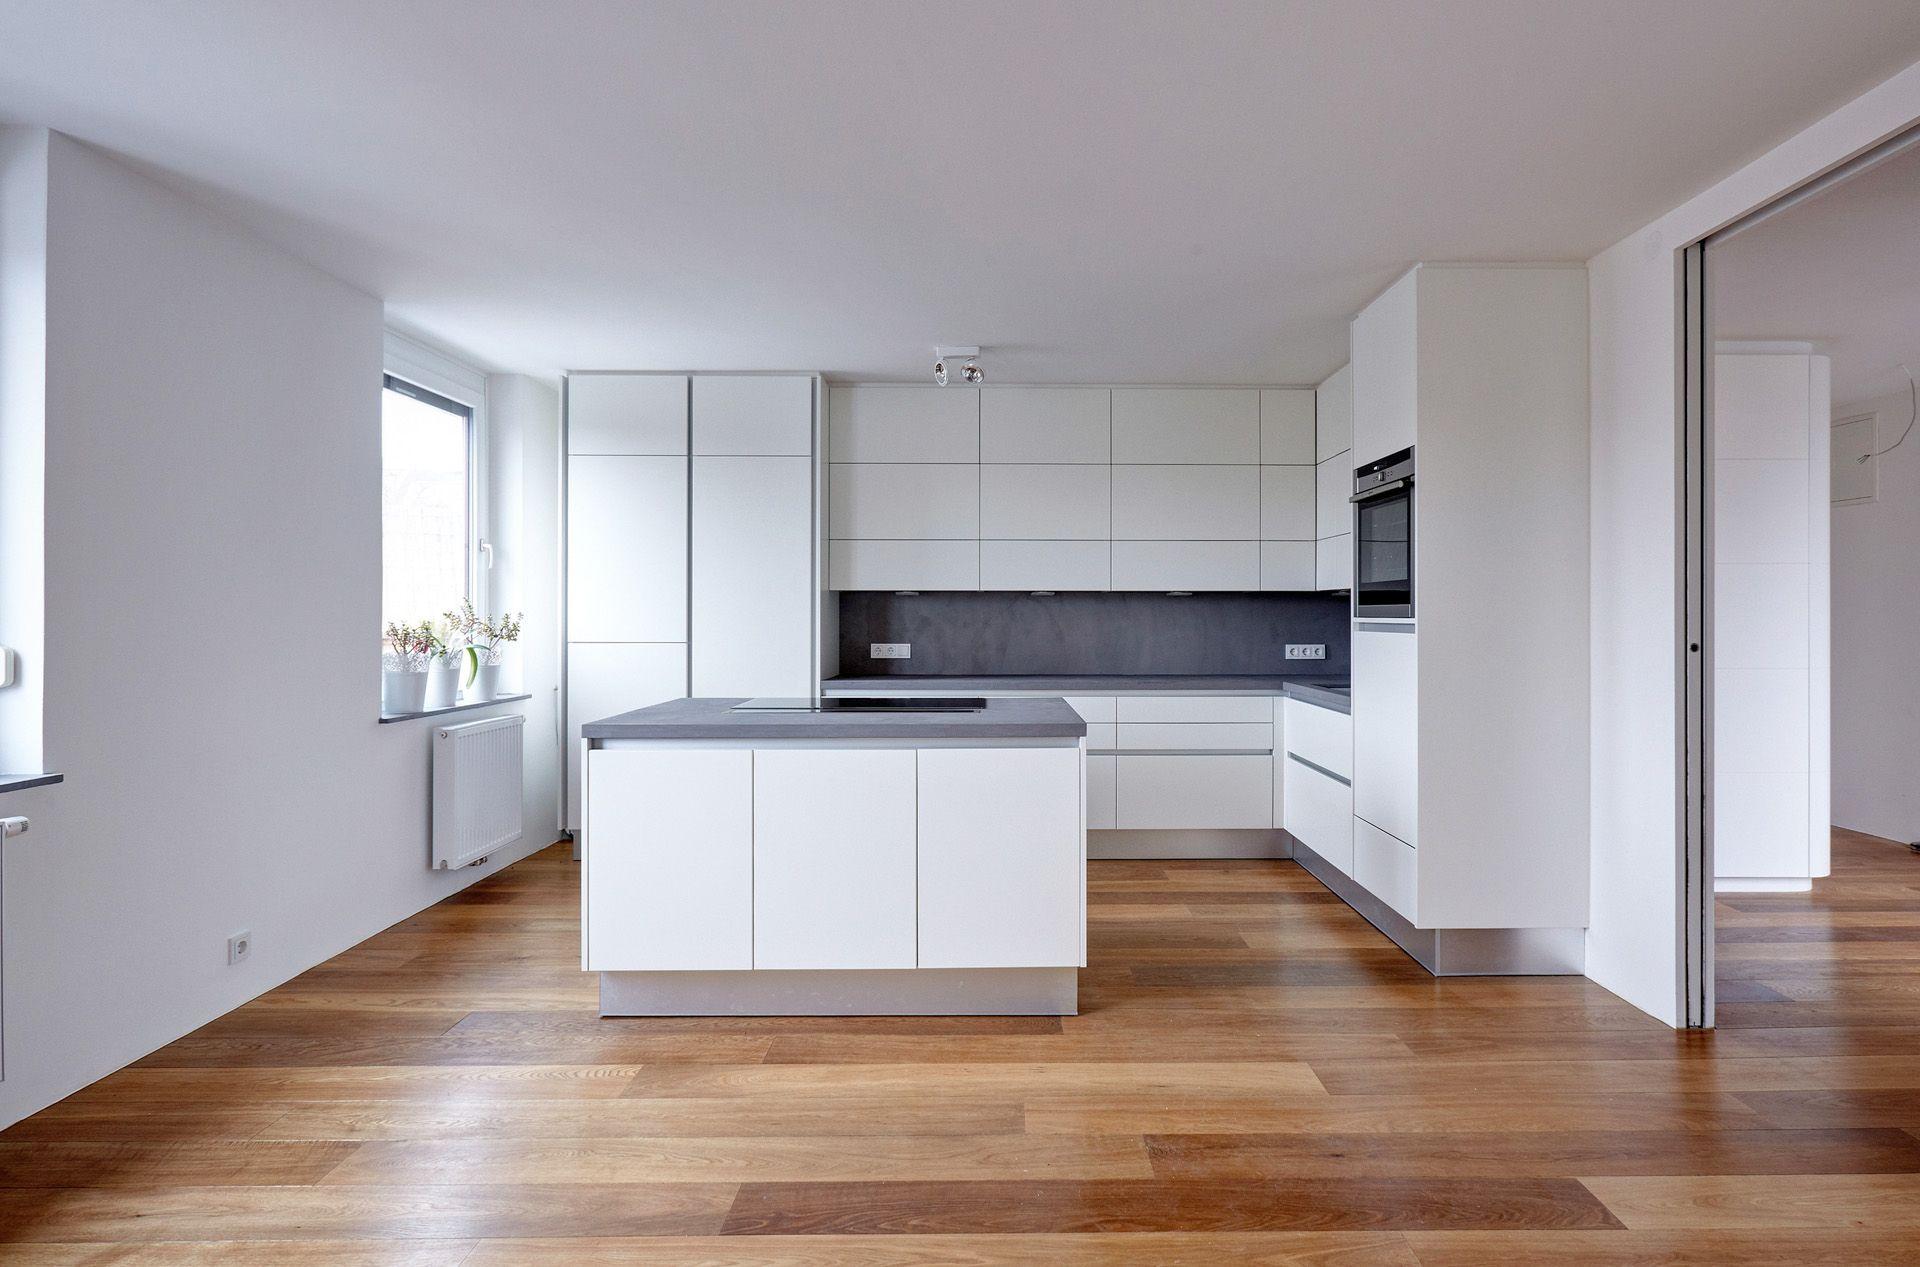 Kuchenarbeitsplatte Und Spritzschutz Beton Cire Original Farbe 63